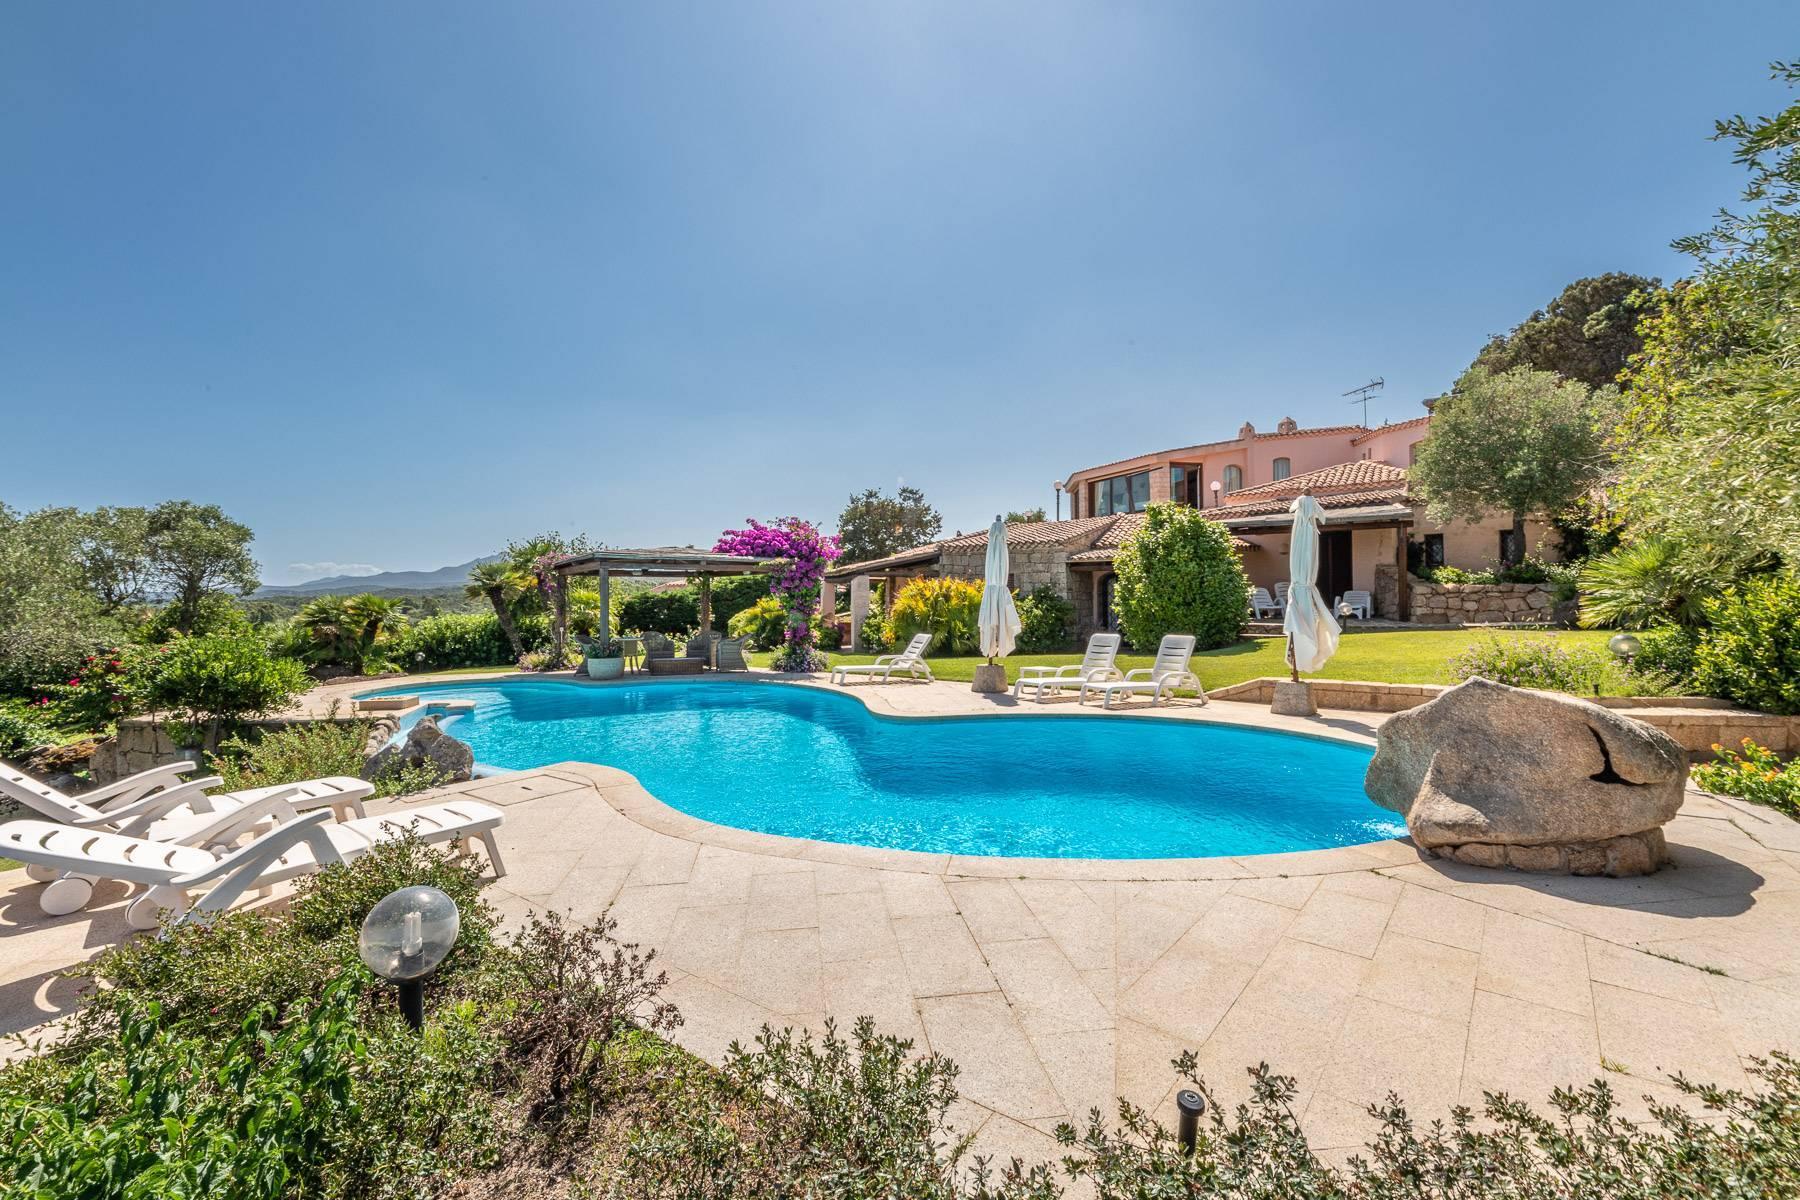 Bellissima villa indipendente con piscina a pochi passi dal Golf Club e Cala di Volpe - 8